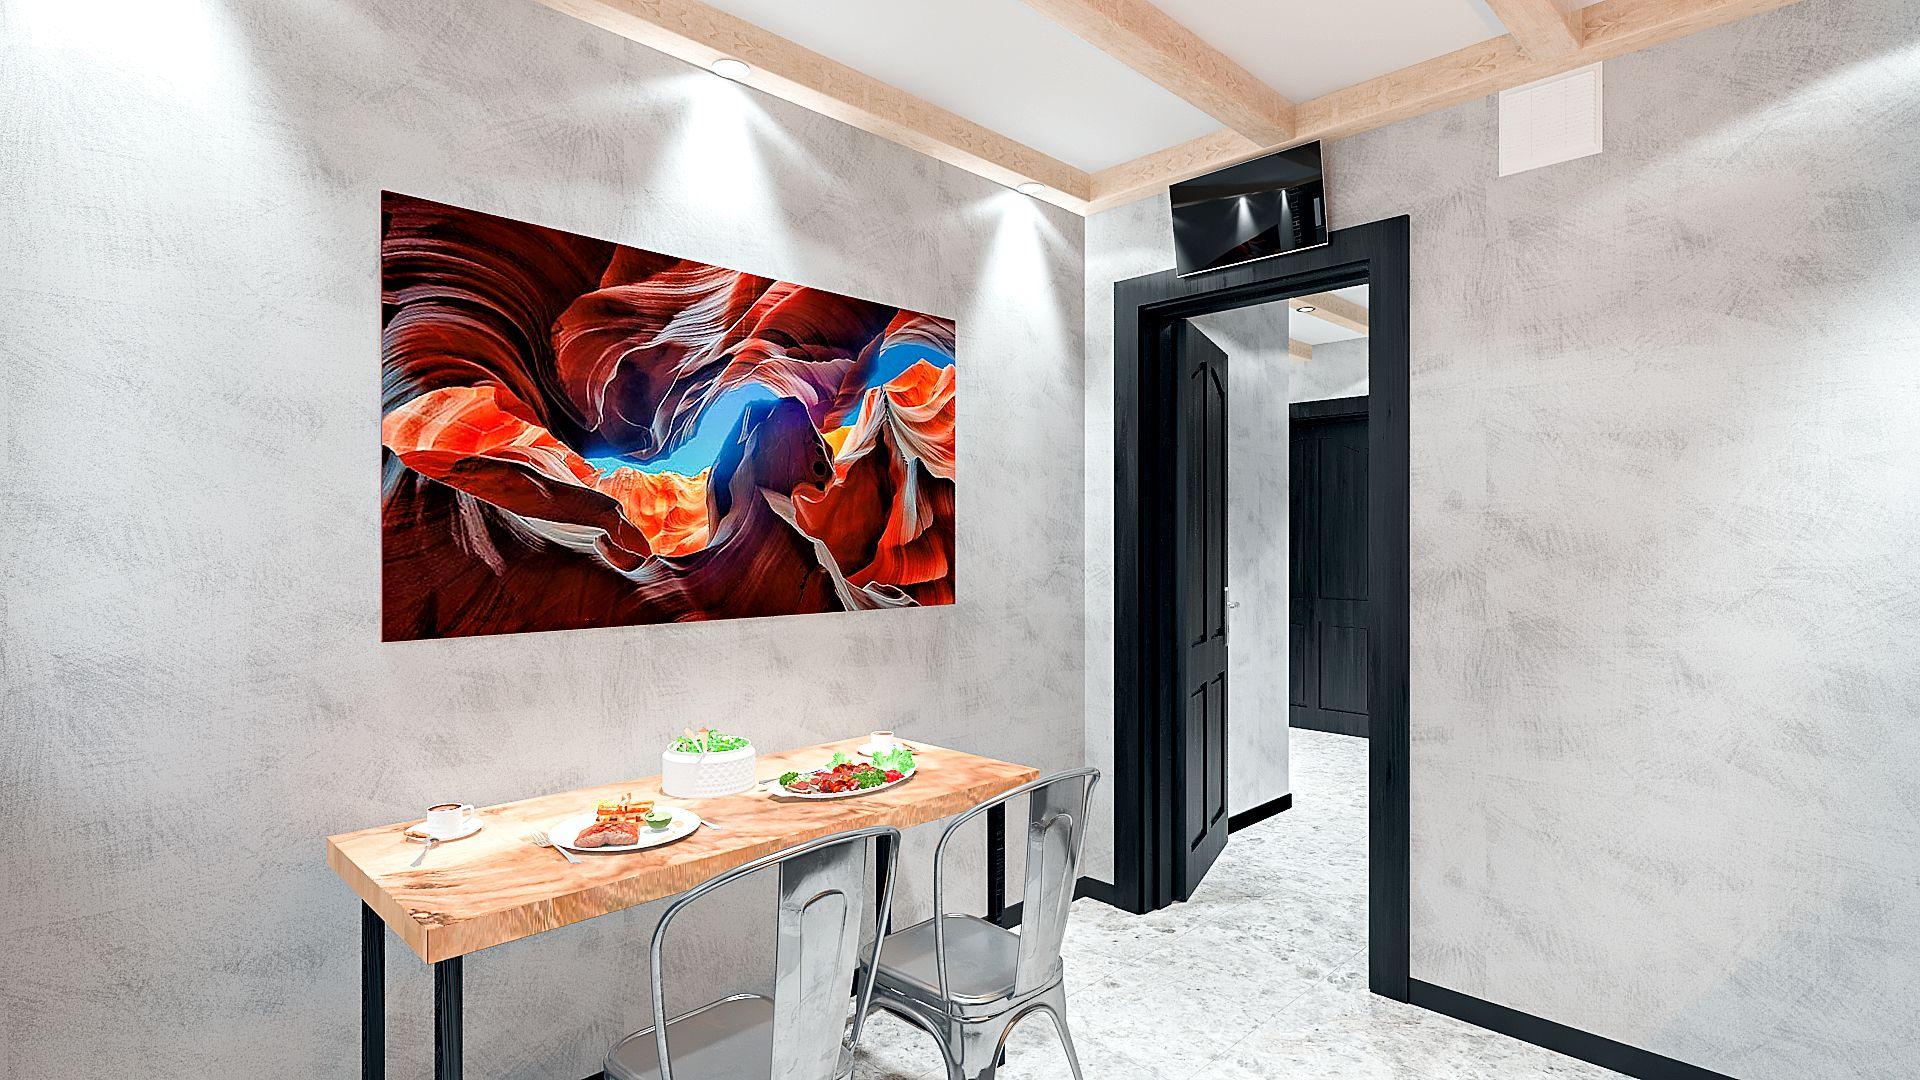 Дизайн однокомнатной квартиры в Гомеле, кухня в стиле лофт в квартире изображение 11, вид на обеденный стол, маленький телевизор над дверным проемом, картина над обеденным столом